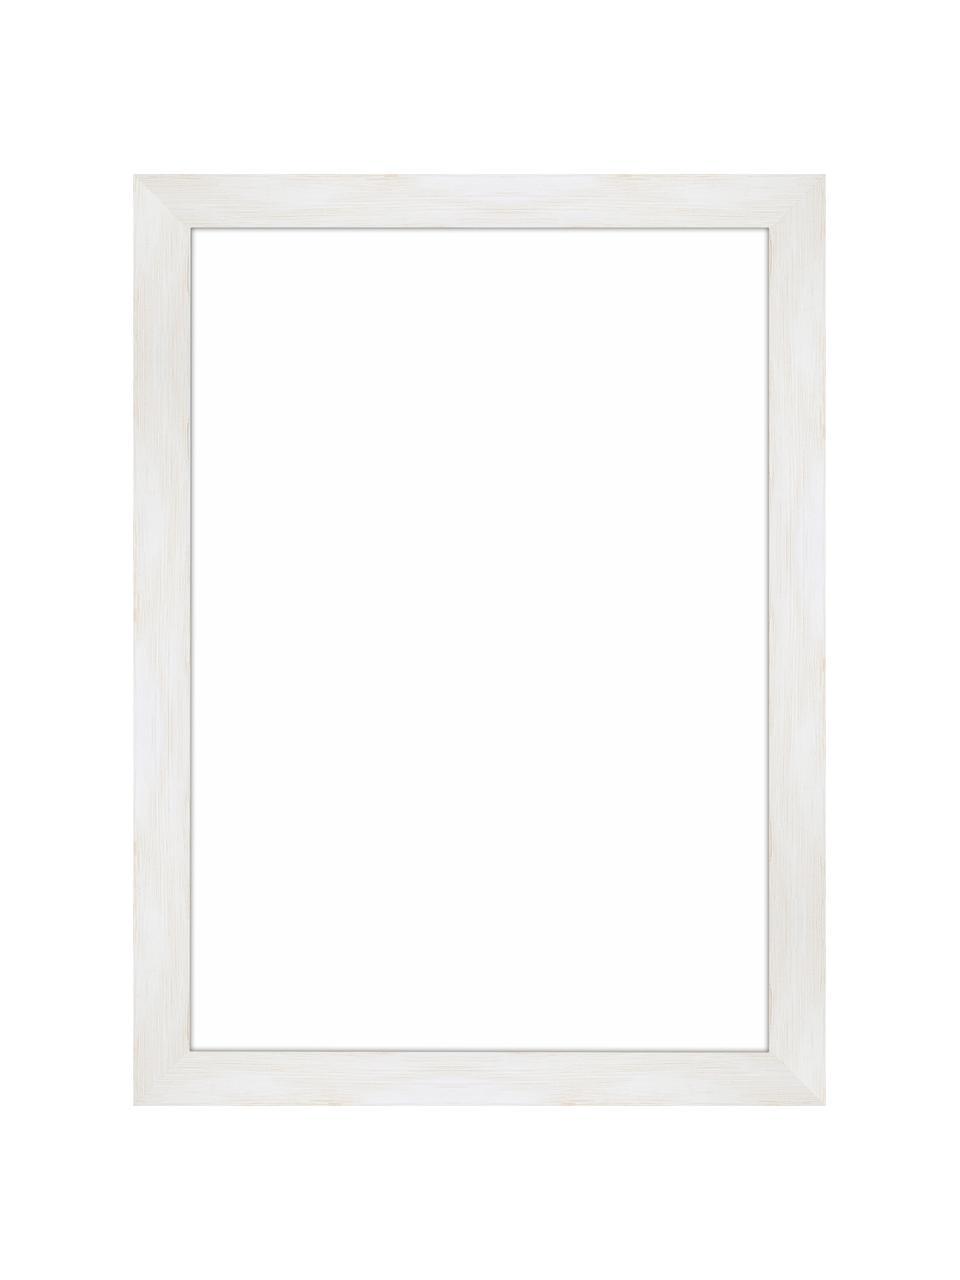 Bilderrahmen Magic, Rahmen: Monterey-Kiefernholz, lac, Front: Glas, Rückseite: Mitteldichte Holzfaserpla, Weiß, 21 x 30 cm